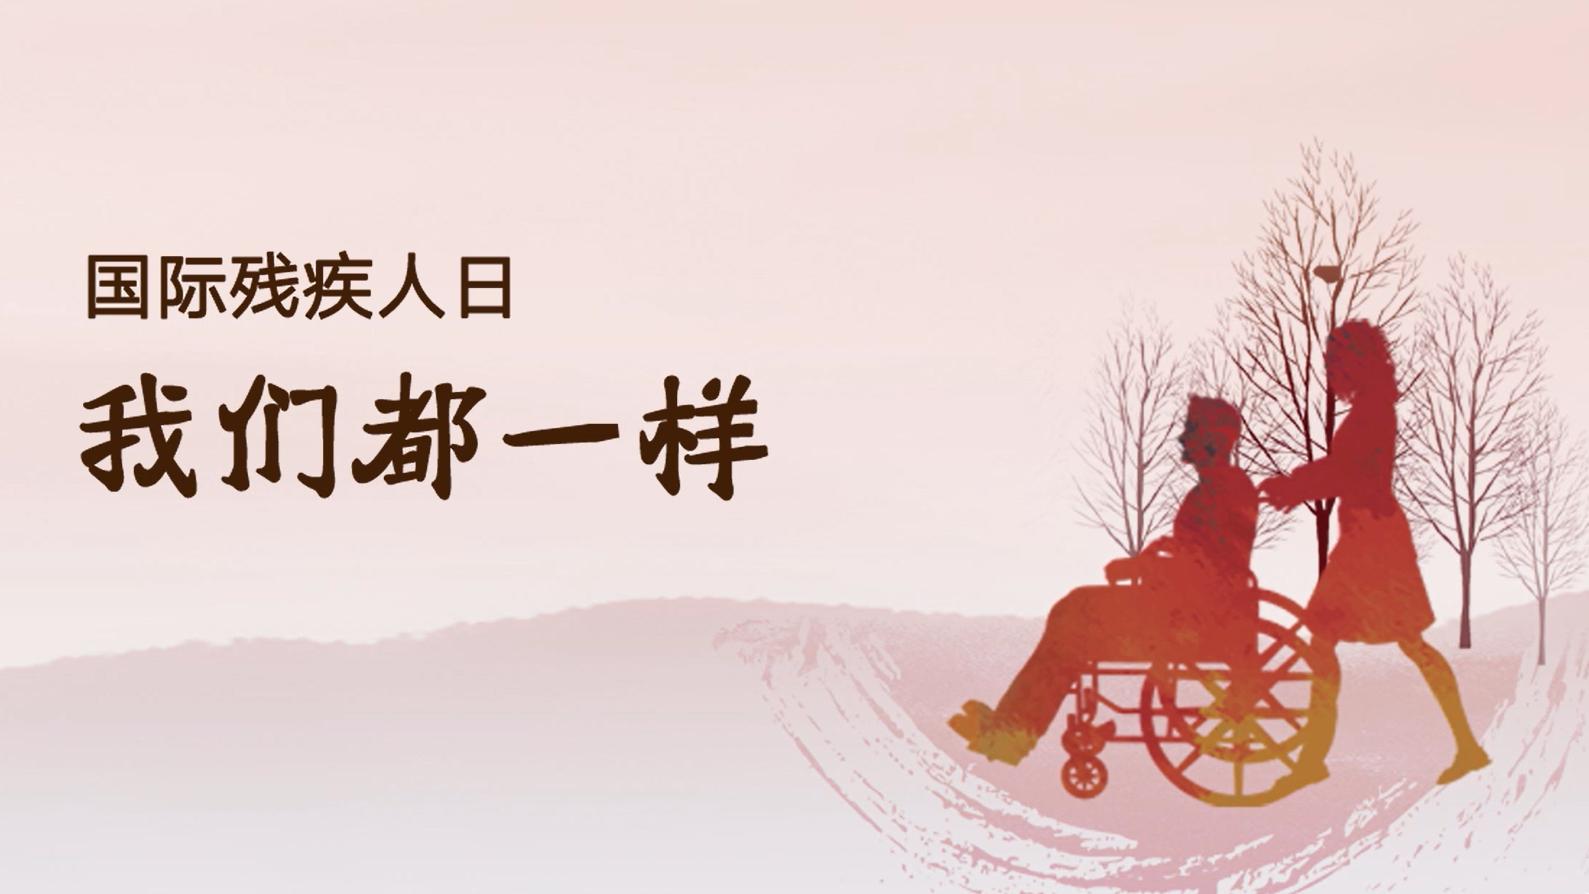 国际残疾人日|我们都一样